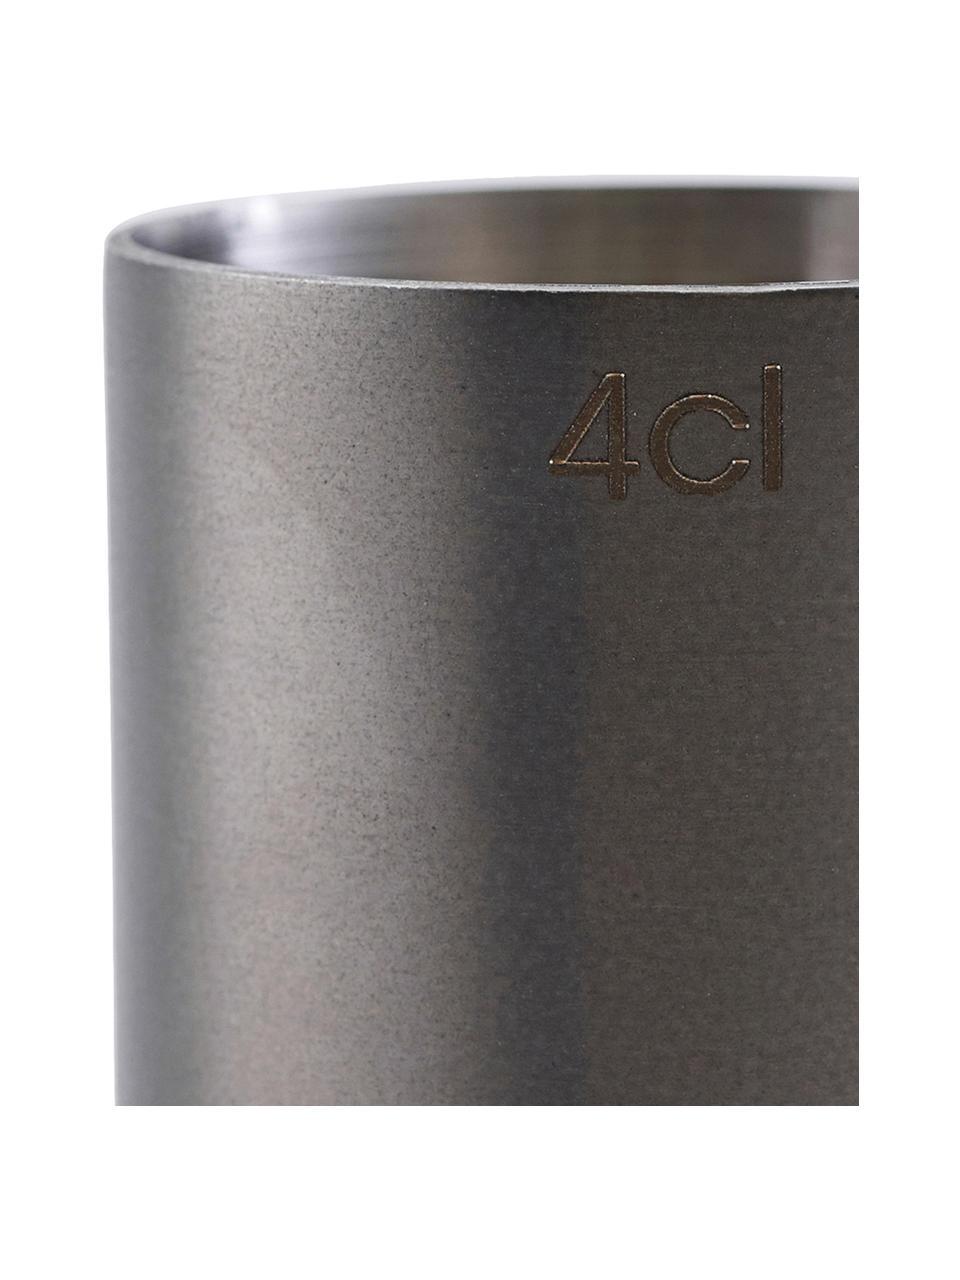 Misurino color antracite opaco Gunmetal, Acciaio inossidabile rivestito, Antracite, Ø 4 x Alt. 9 cm